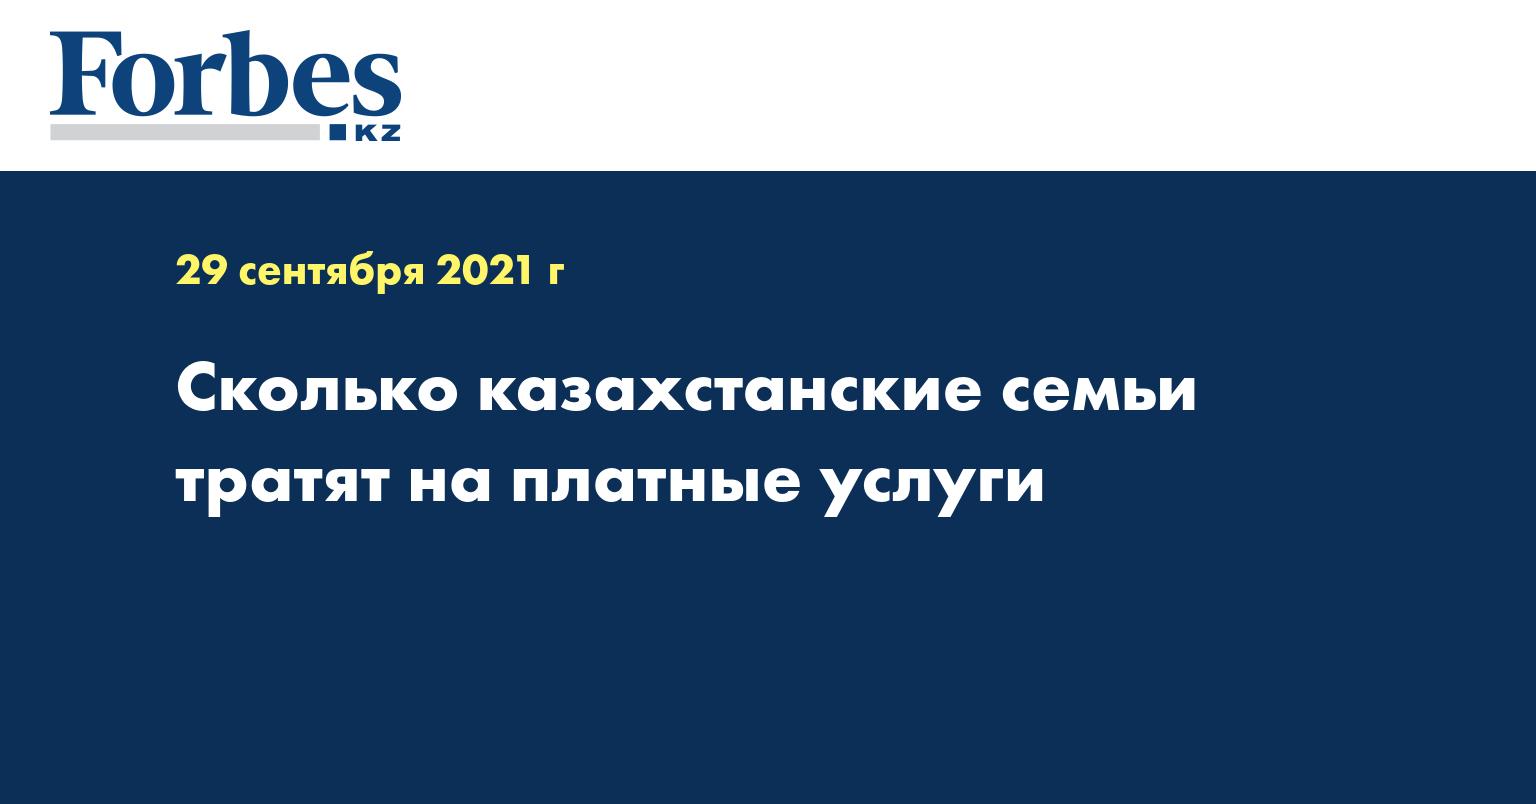 Сколько казахстанские семьи тратят на платные услуги